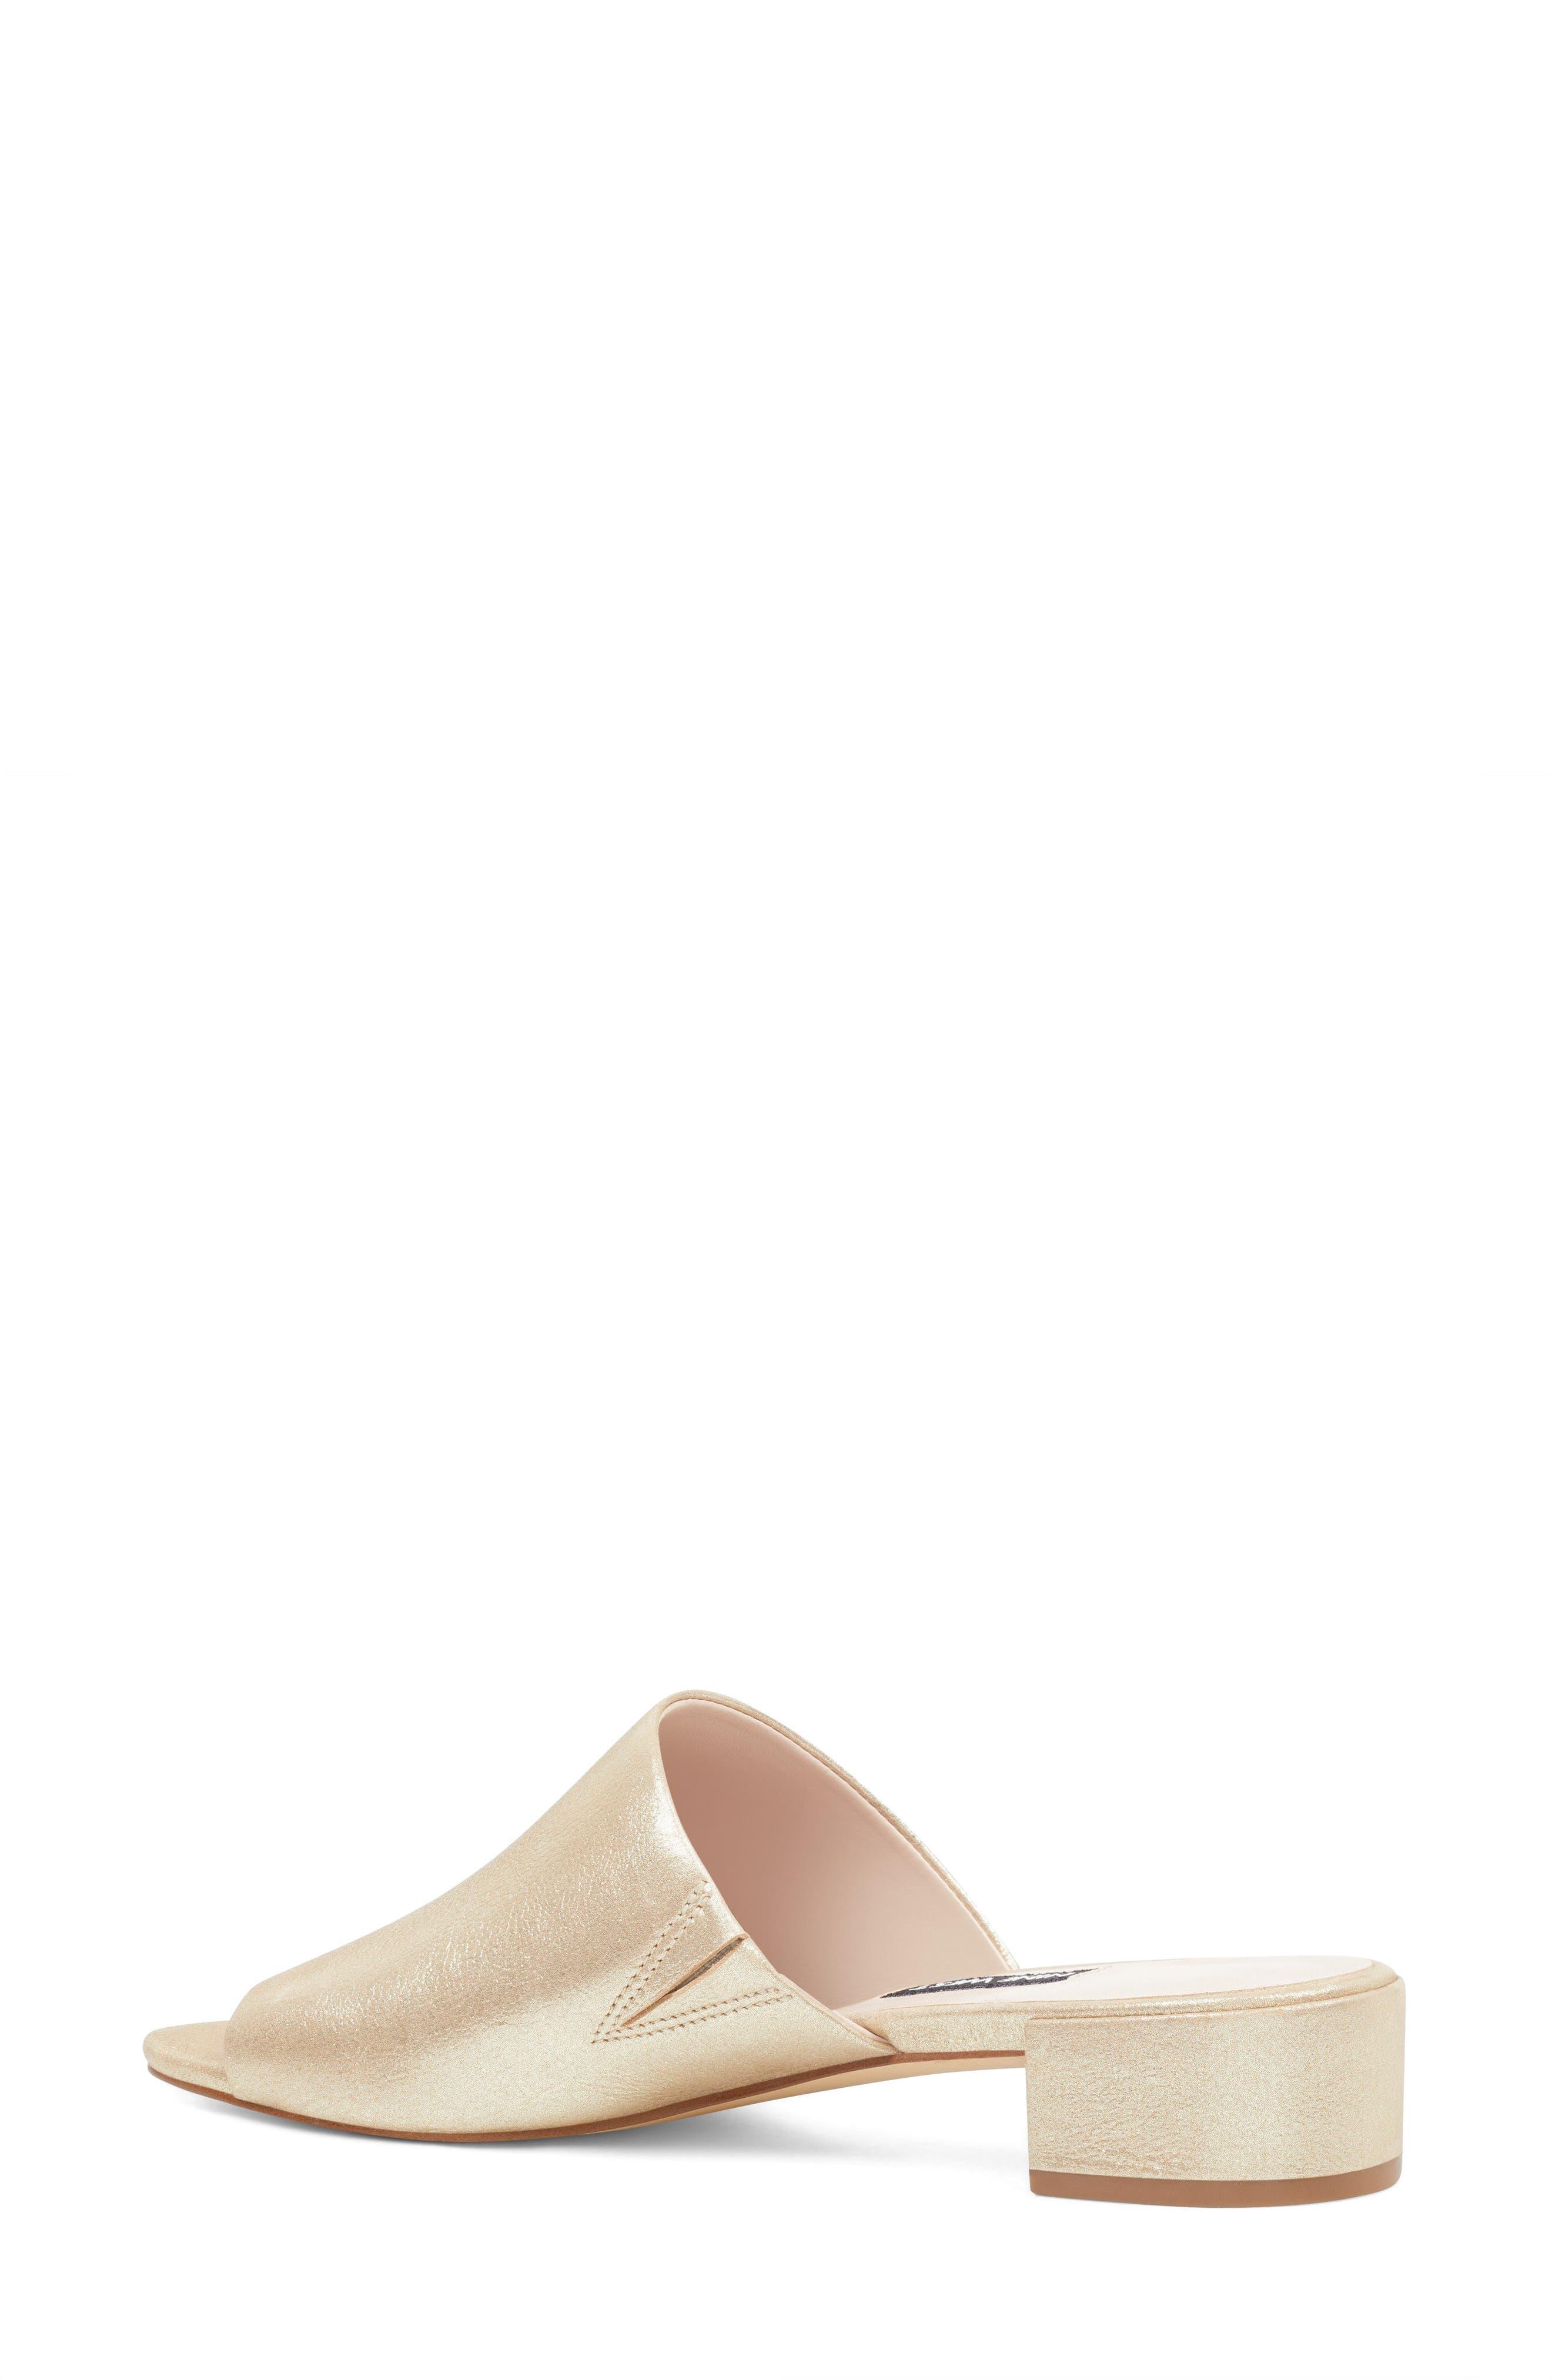 Raissa Slide Sandal,                             Alternate thumbnail 2, color,                             Light Gold Leather